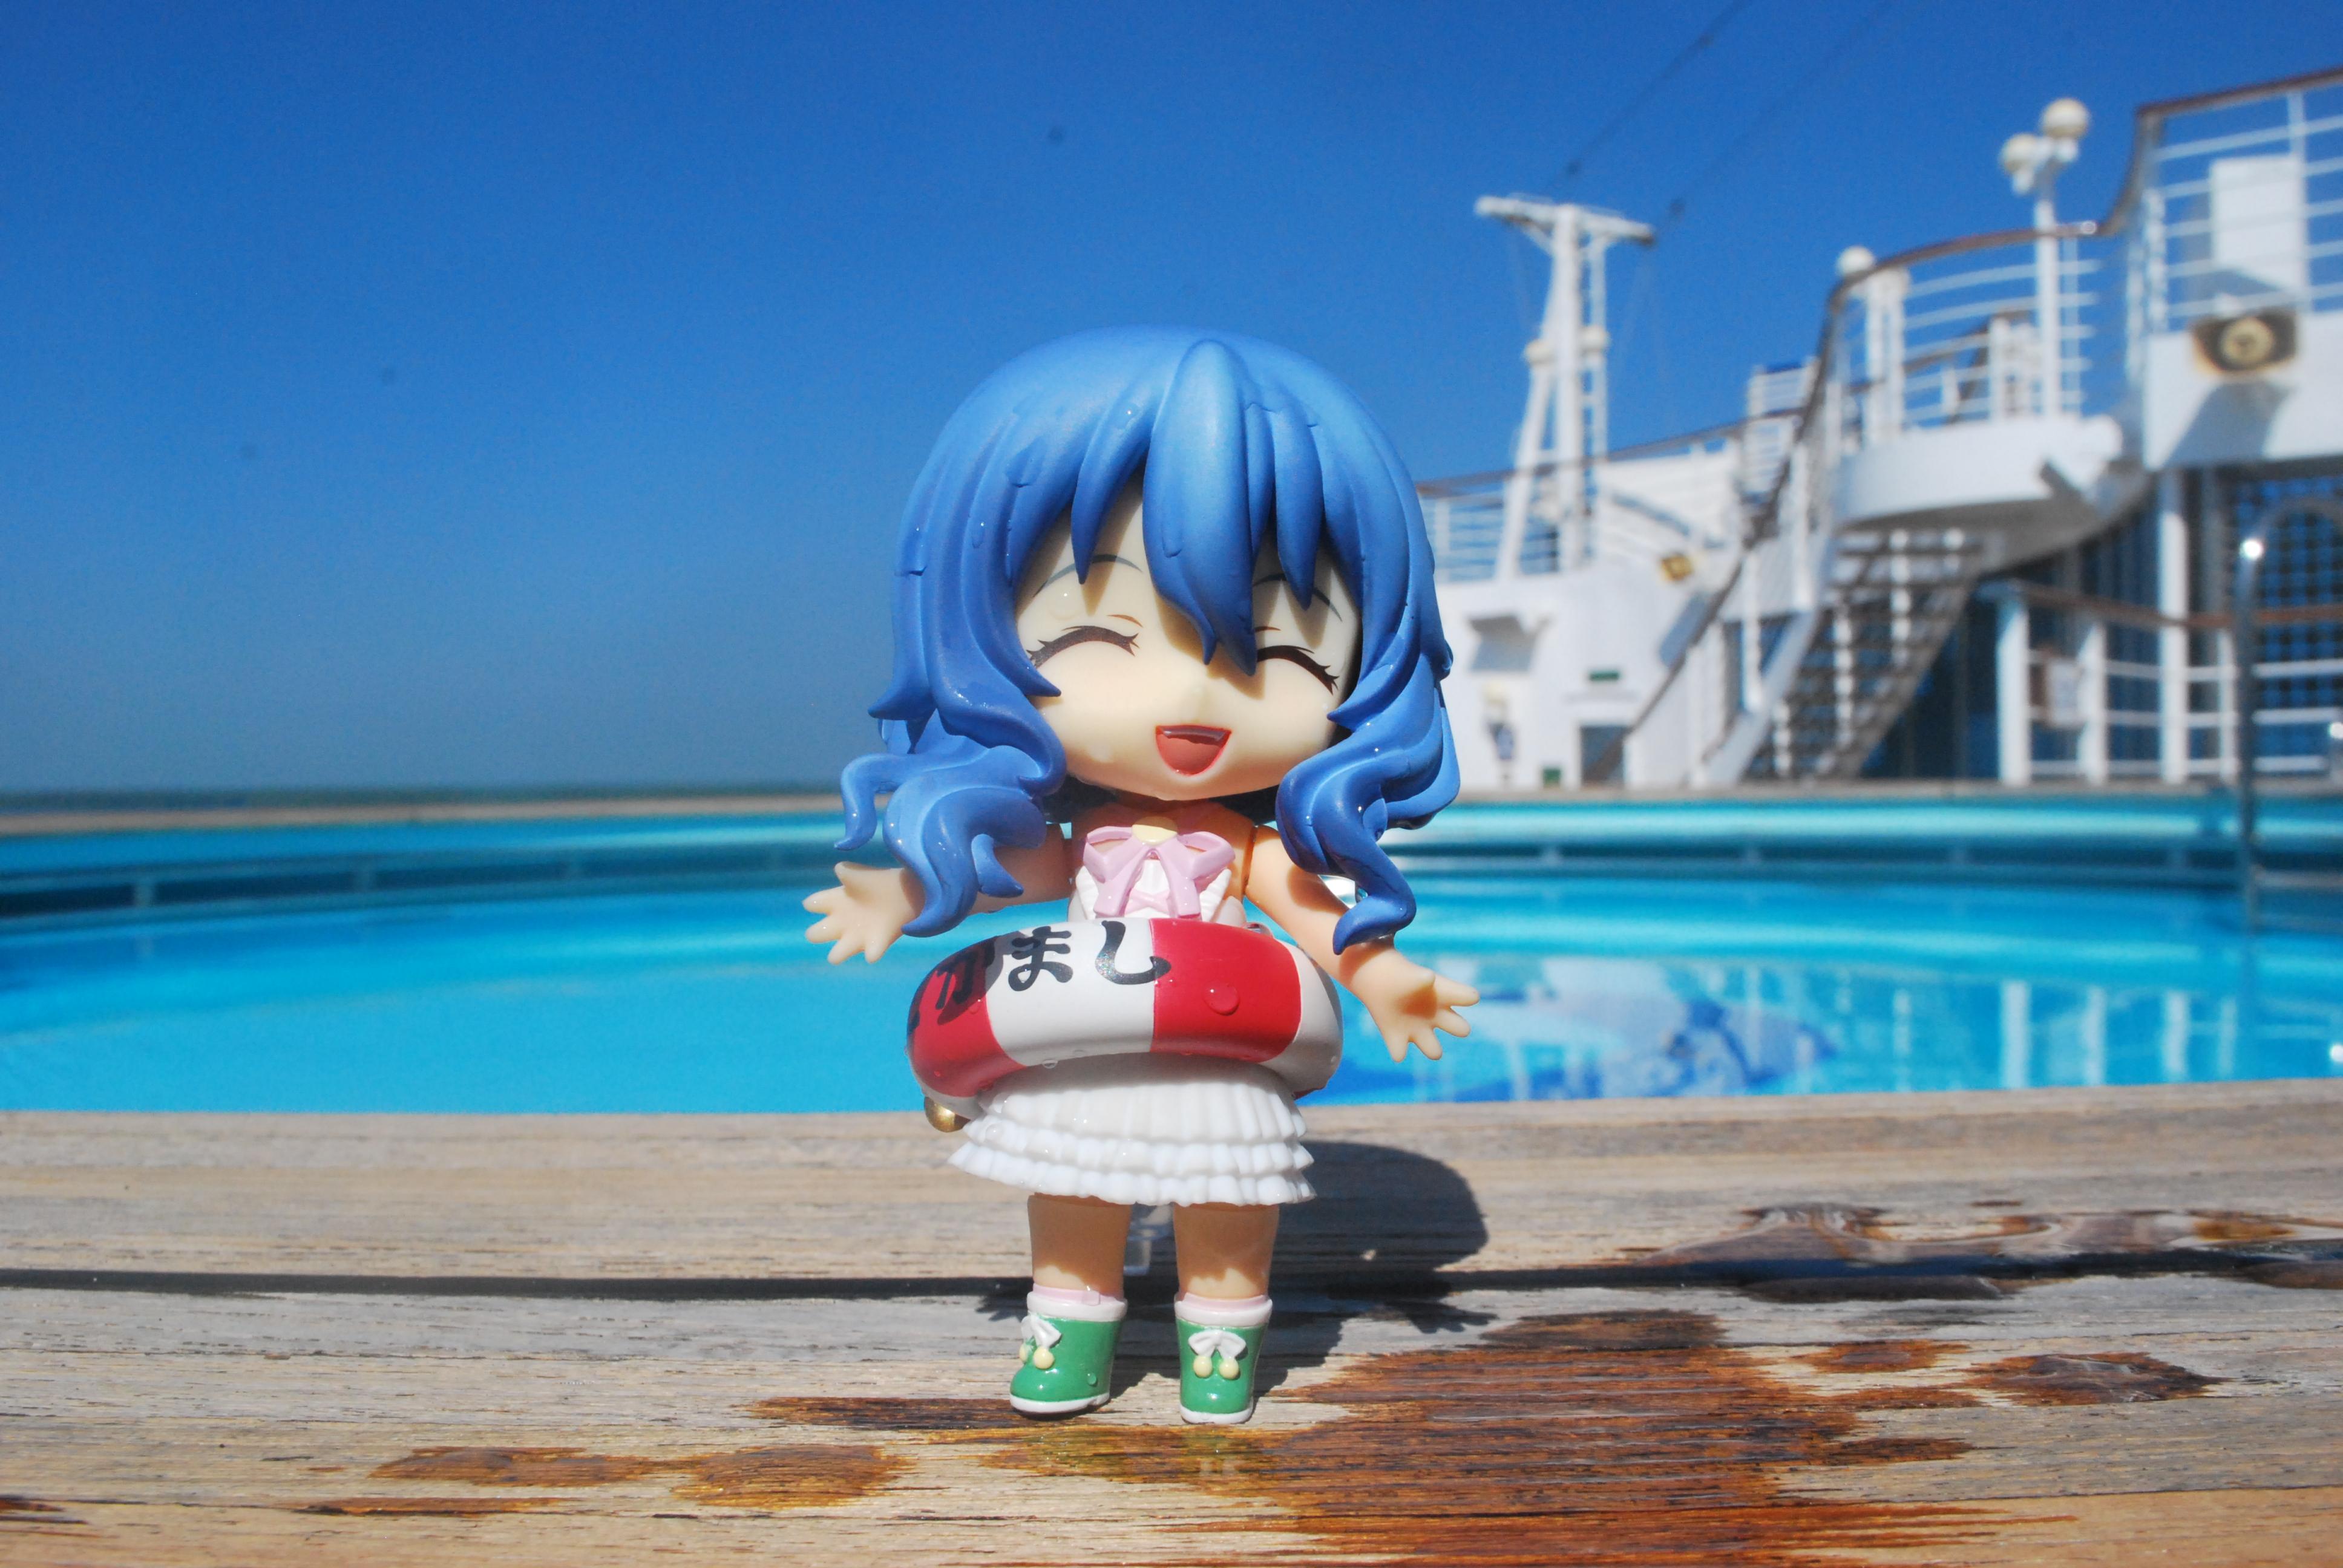 nendoroid good_smile_company nendoron jun_(e.v.) yoshino date_a_live fujimi_shobou tsunako yoshinon tachibana_koushi